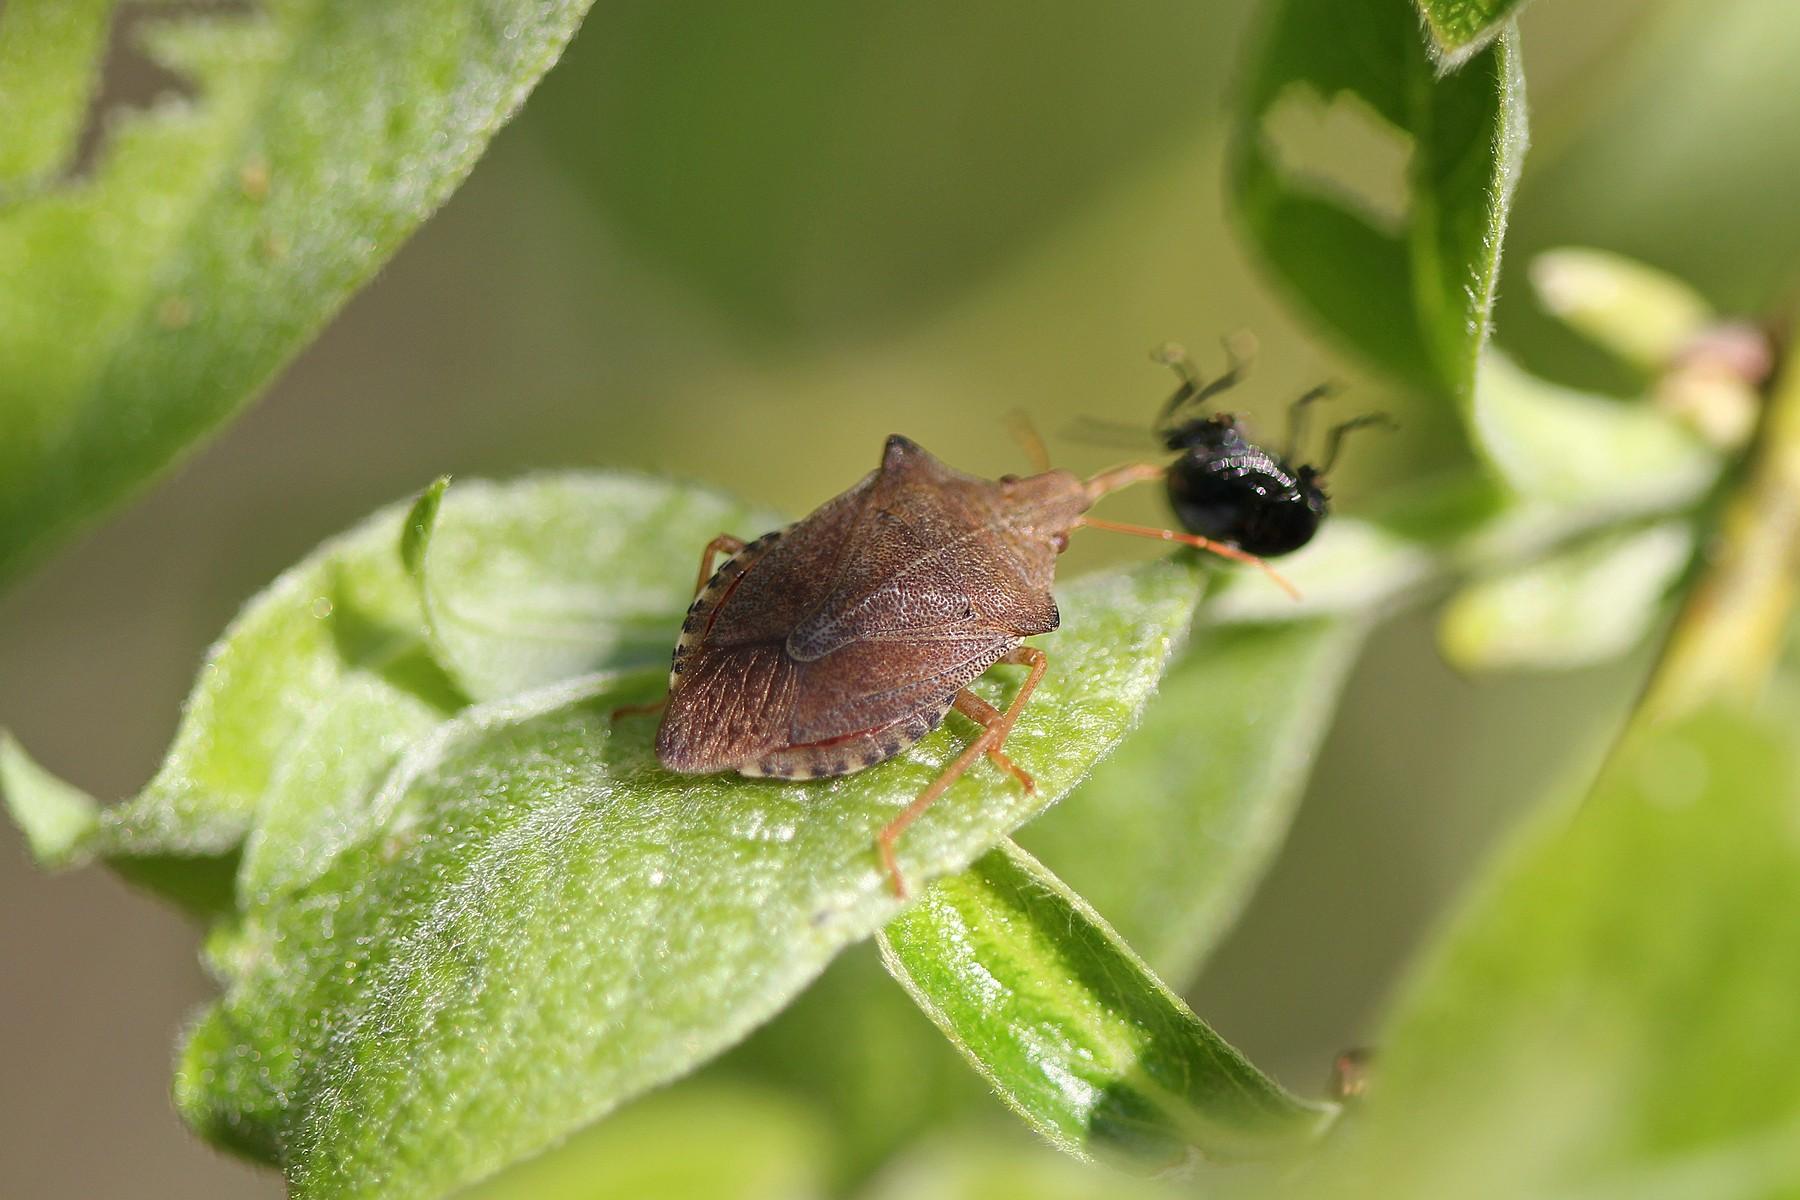 Как защитить редис от вредителей? фото и описание насекомых, рекомендации по борьбе с ними, отличия от болезней